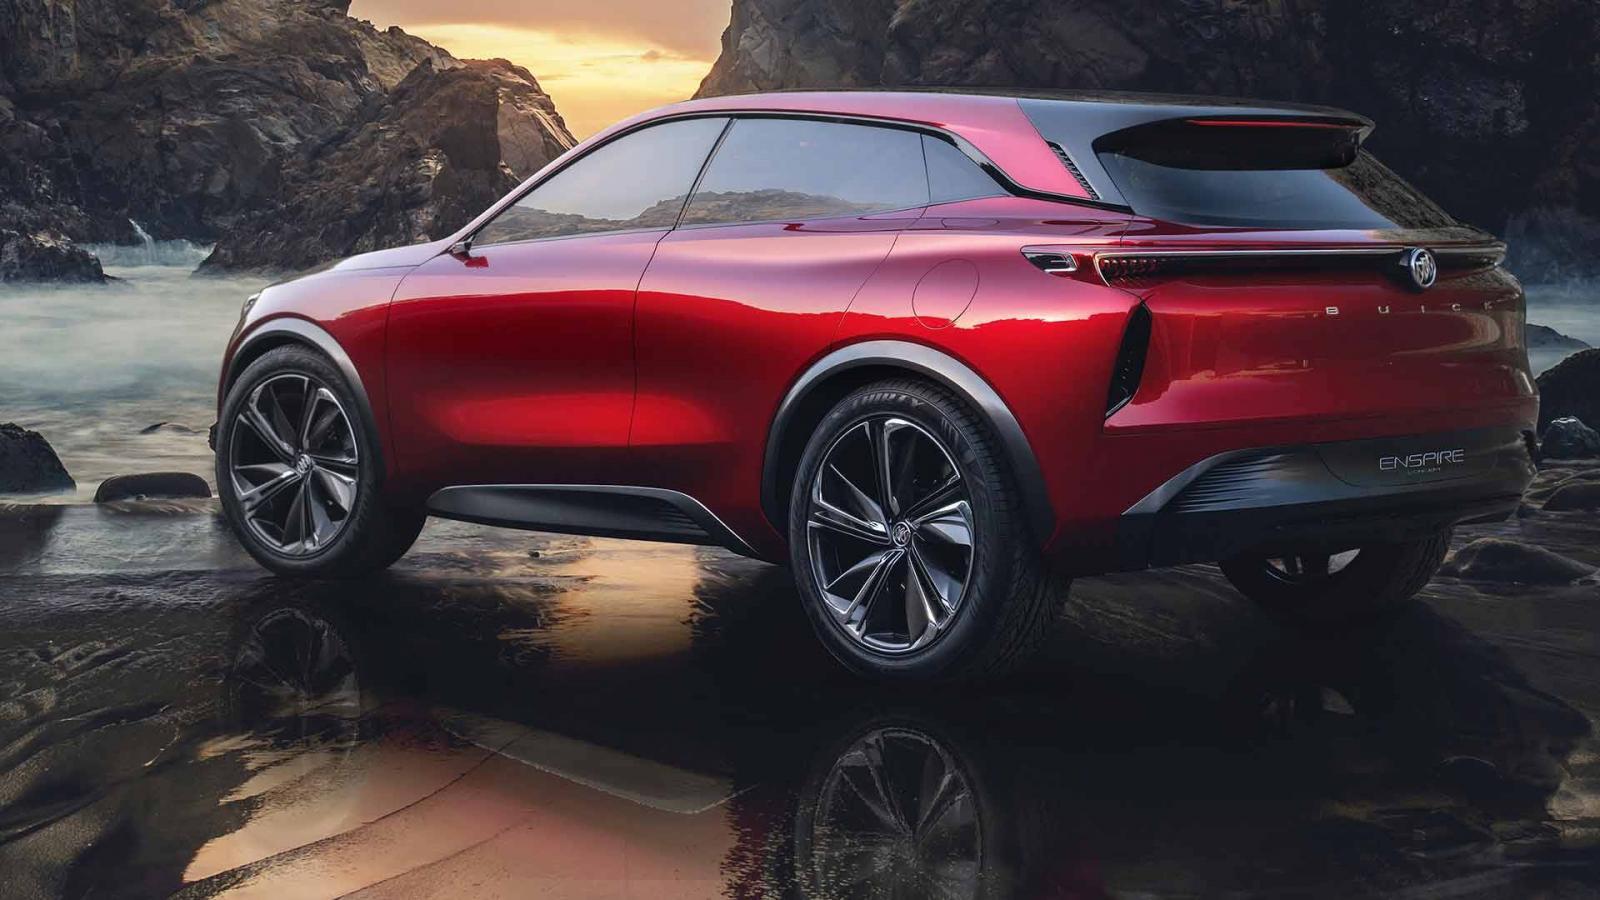 Компания Buick презентовала электрический кроссовер Enspire